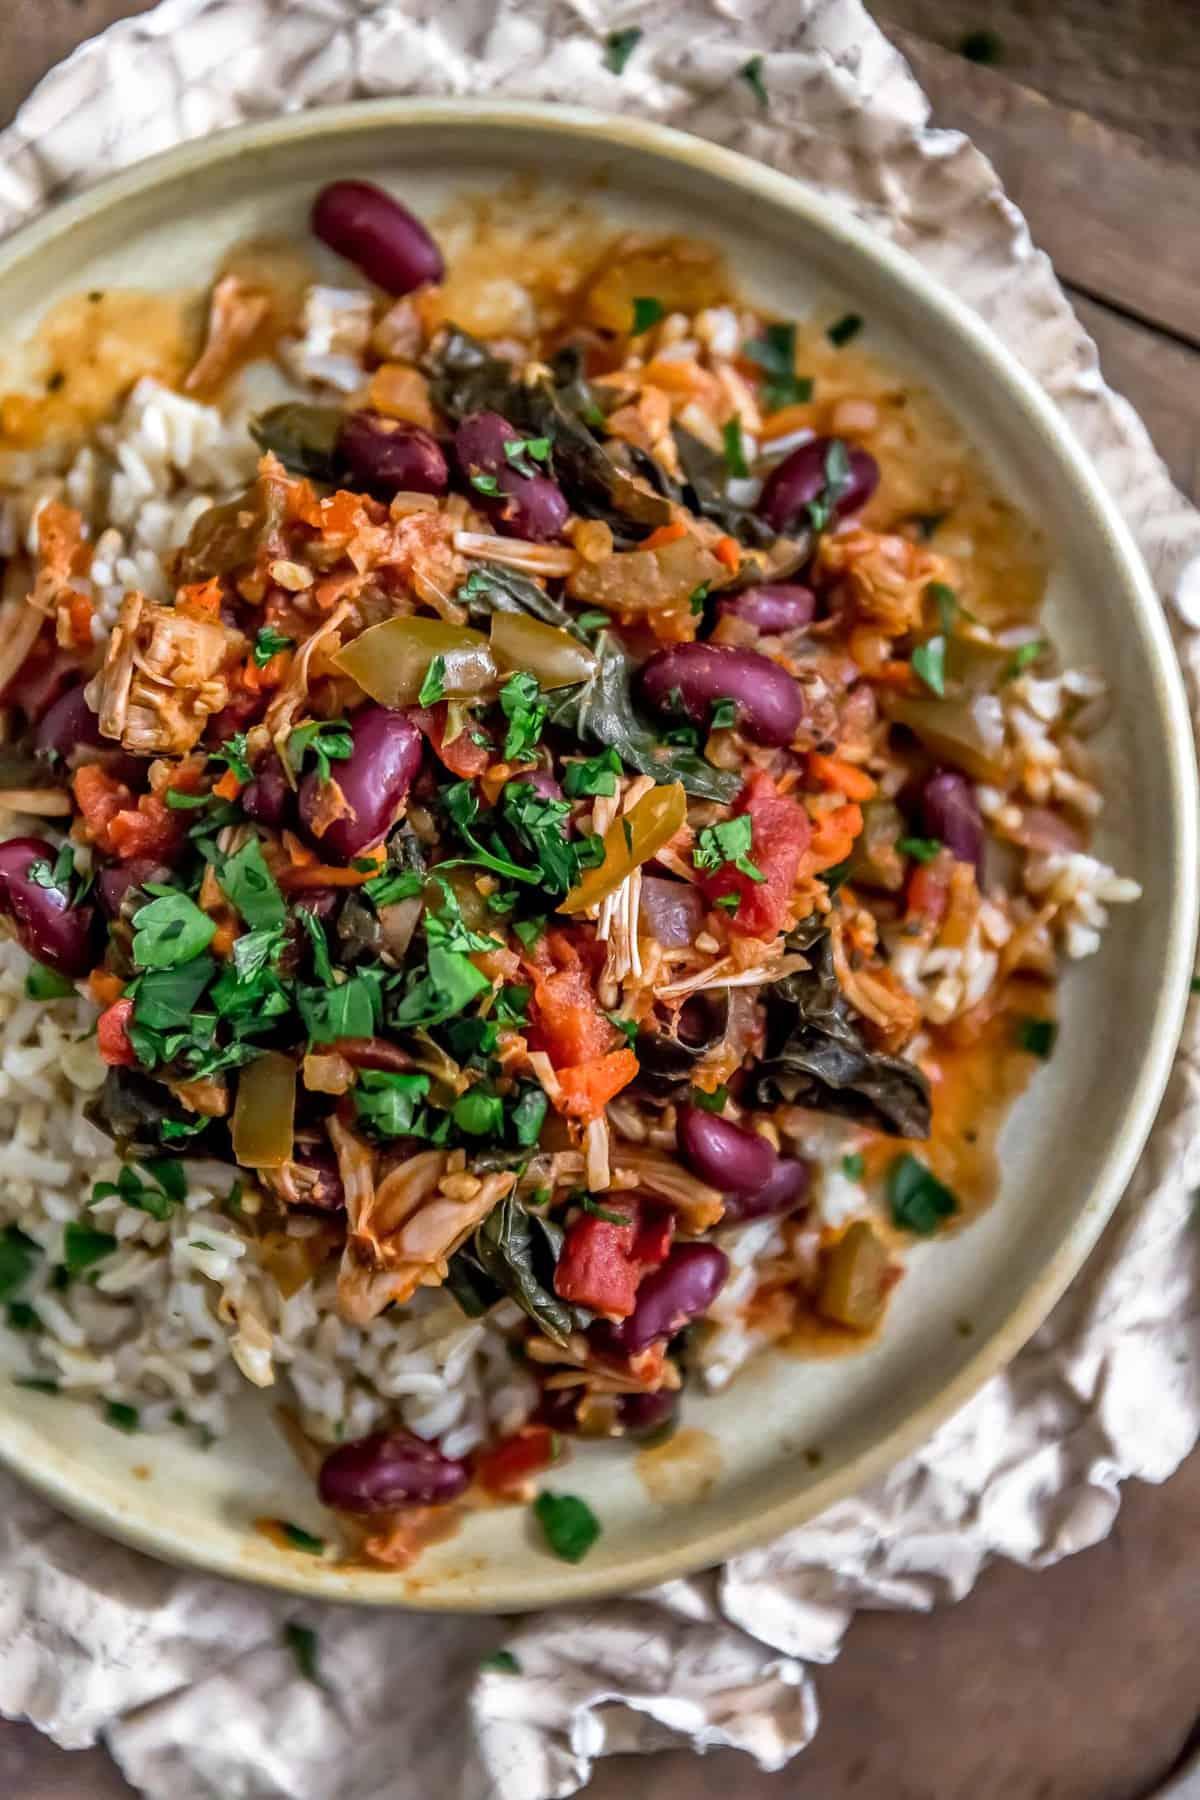 Plate of Cajun Jackfruit and Collard Greens